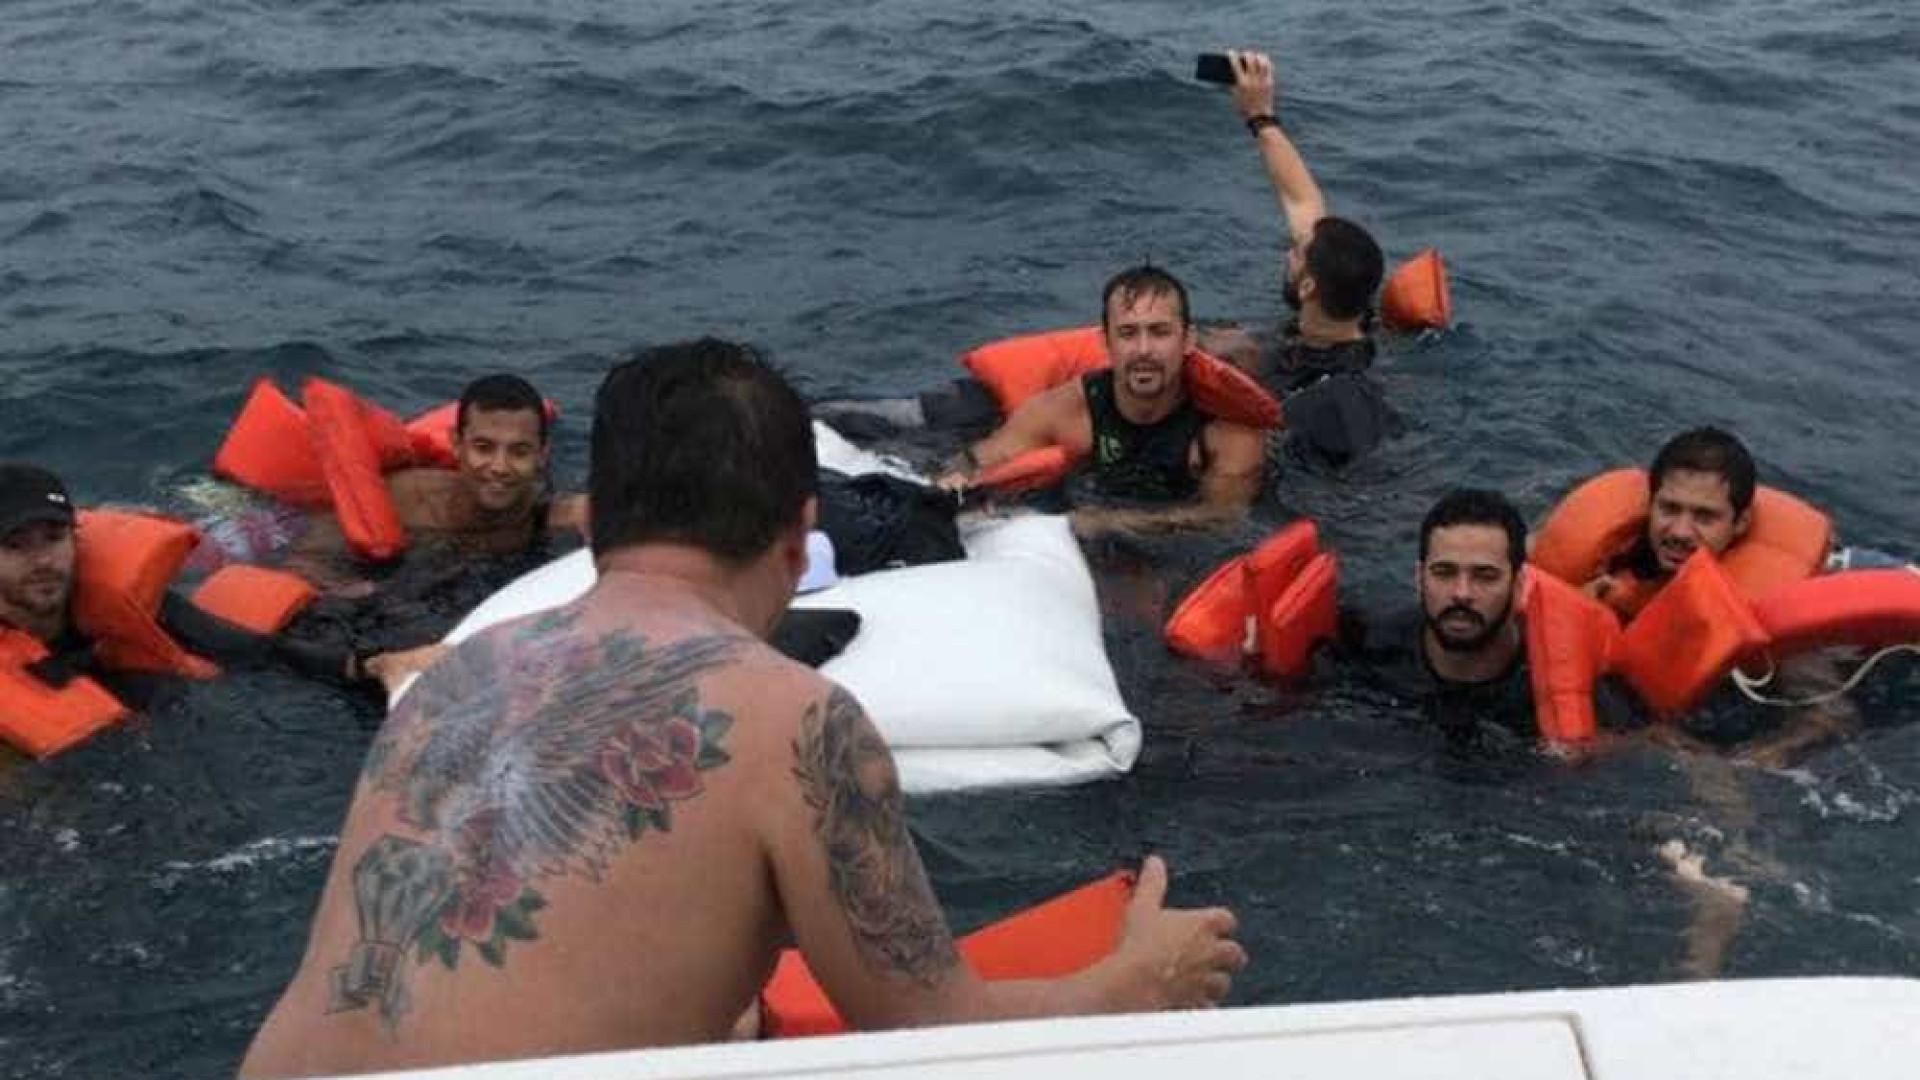 Lancha naufraga na Bahia e sobrevivente faz selfie durante resgate